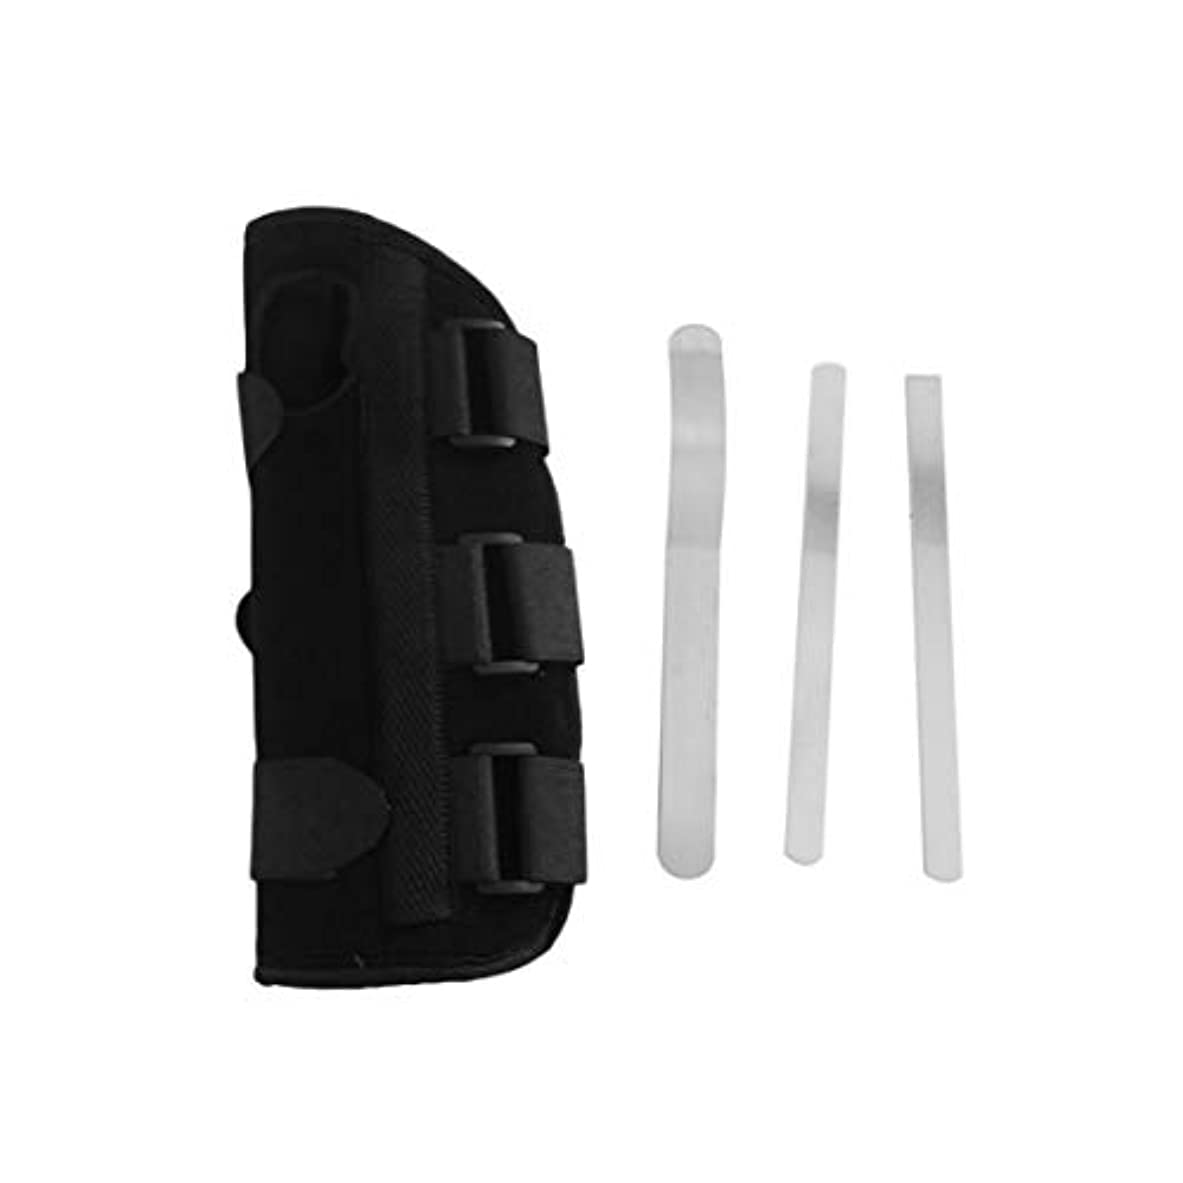 レインコートオフセット我慢する手首副木ブレース保護サポートストラップカルペルトンネルCTS RSI痛み軽減取り外し可能な副木快適な軽量ストラップ - ブラックS